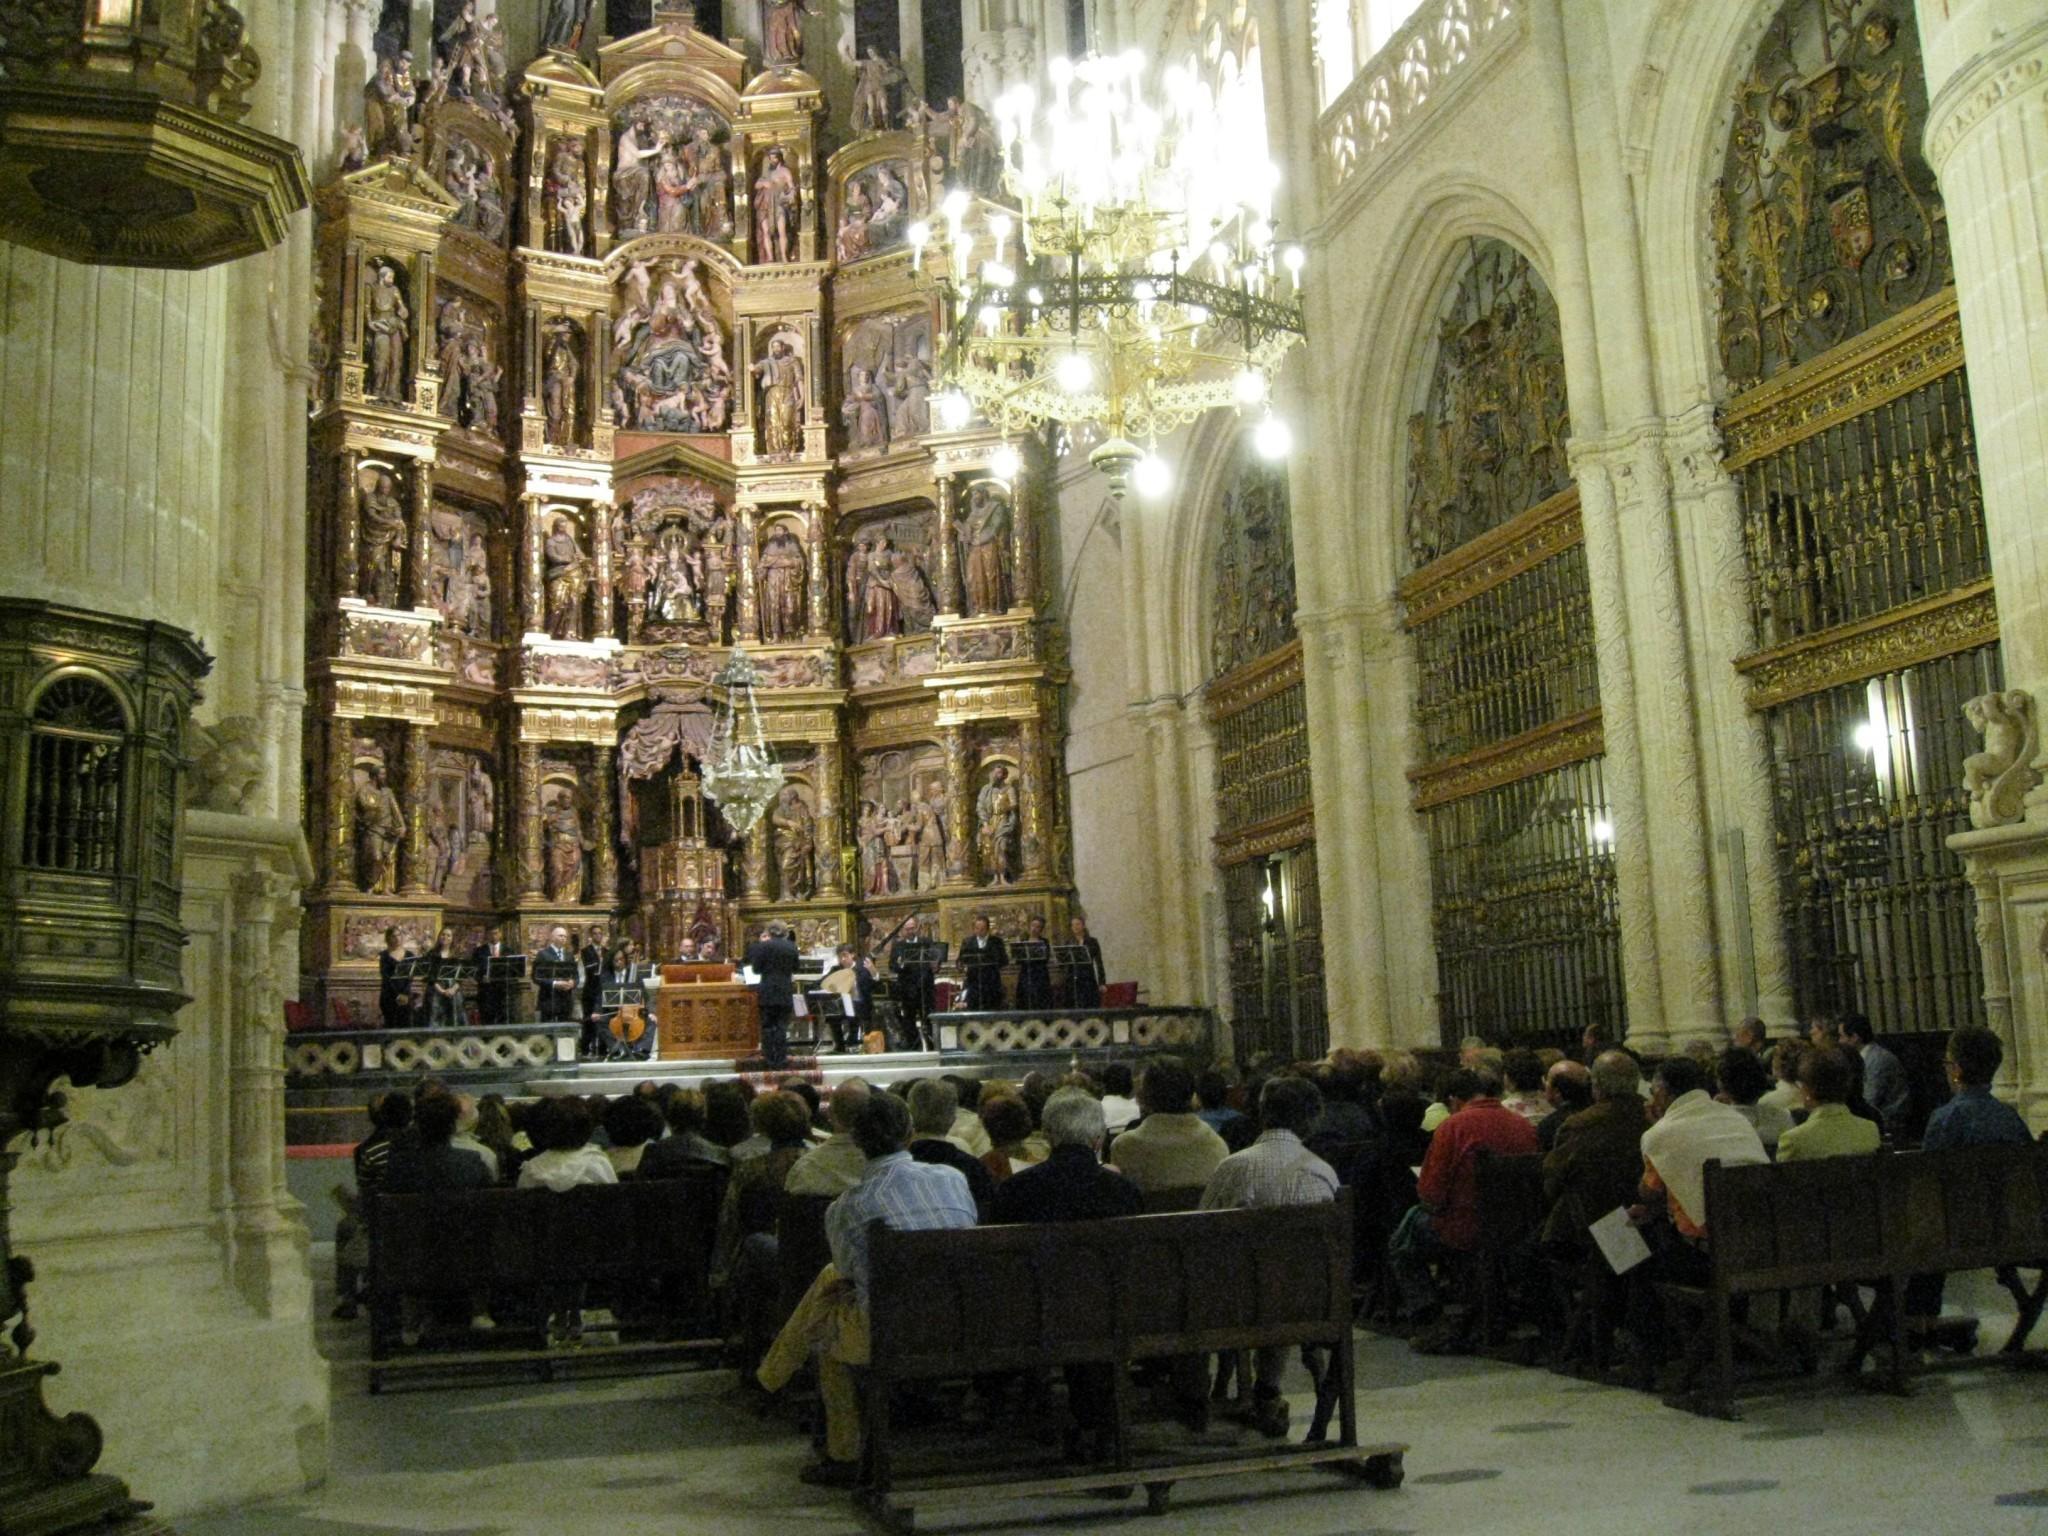 Concierto en la Catedral de Burgos, 18 de septiembre de 2008